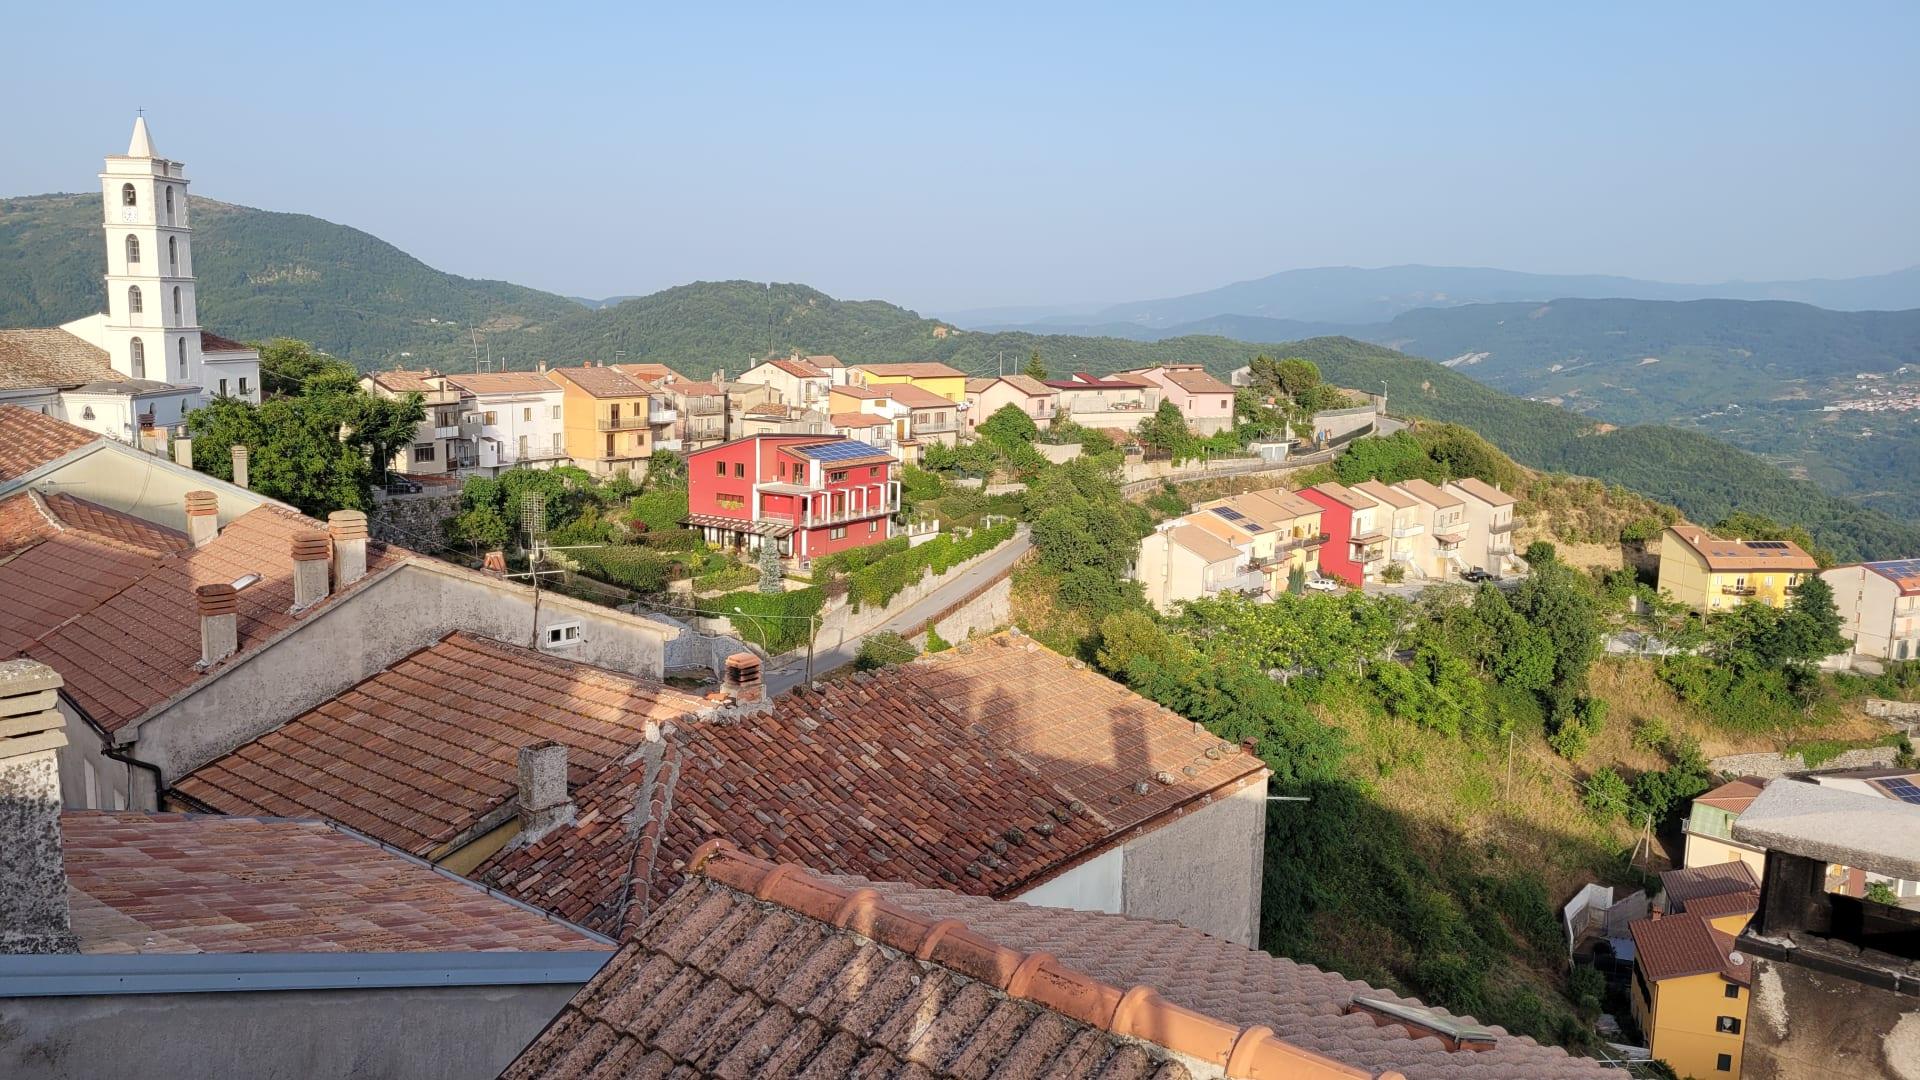 بلدة إيطالية تستقطب الأمريكيين لشراء منازلها المهجورة